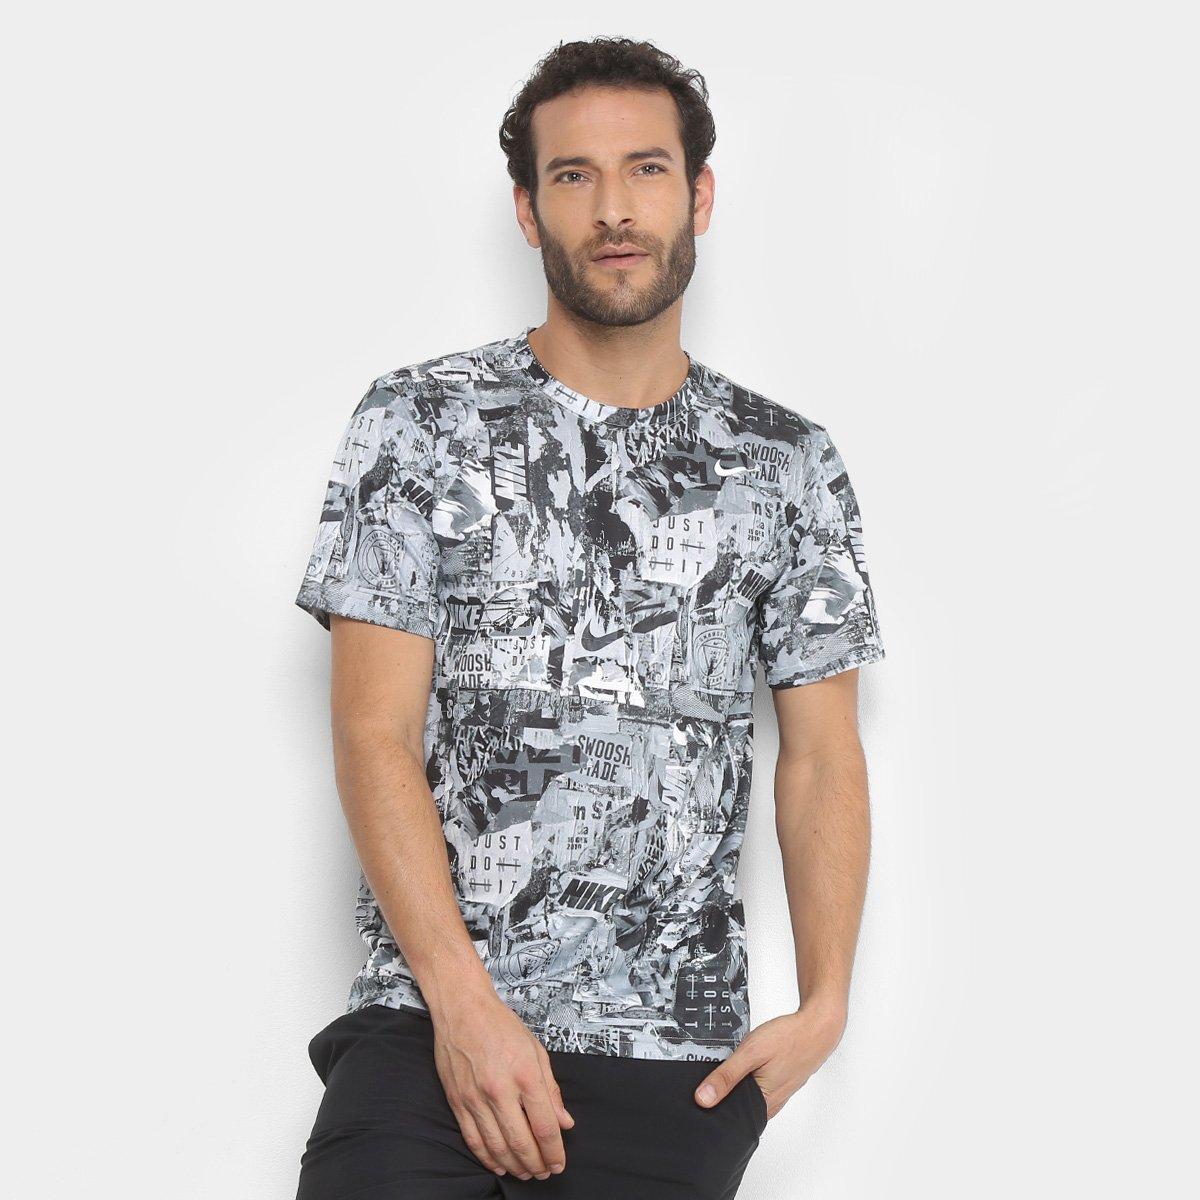 Normalmente Humanista construir  Camiseta Nike Dry Masculina | Allianz Parque Shop